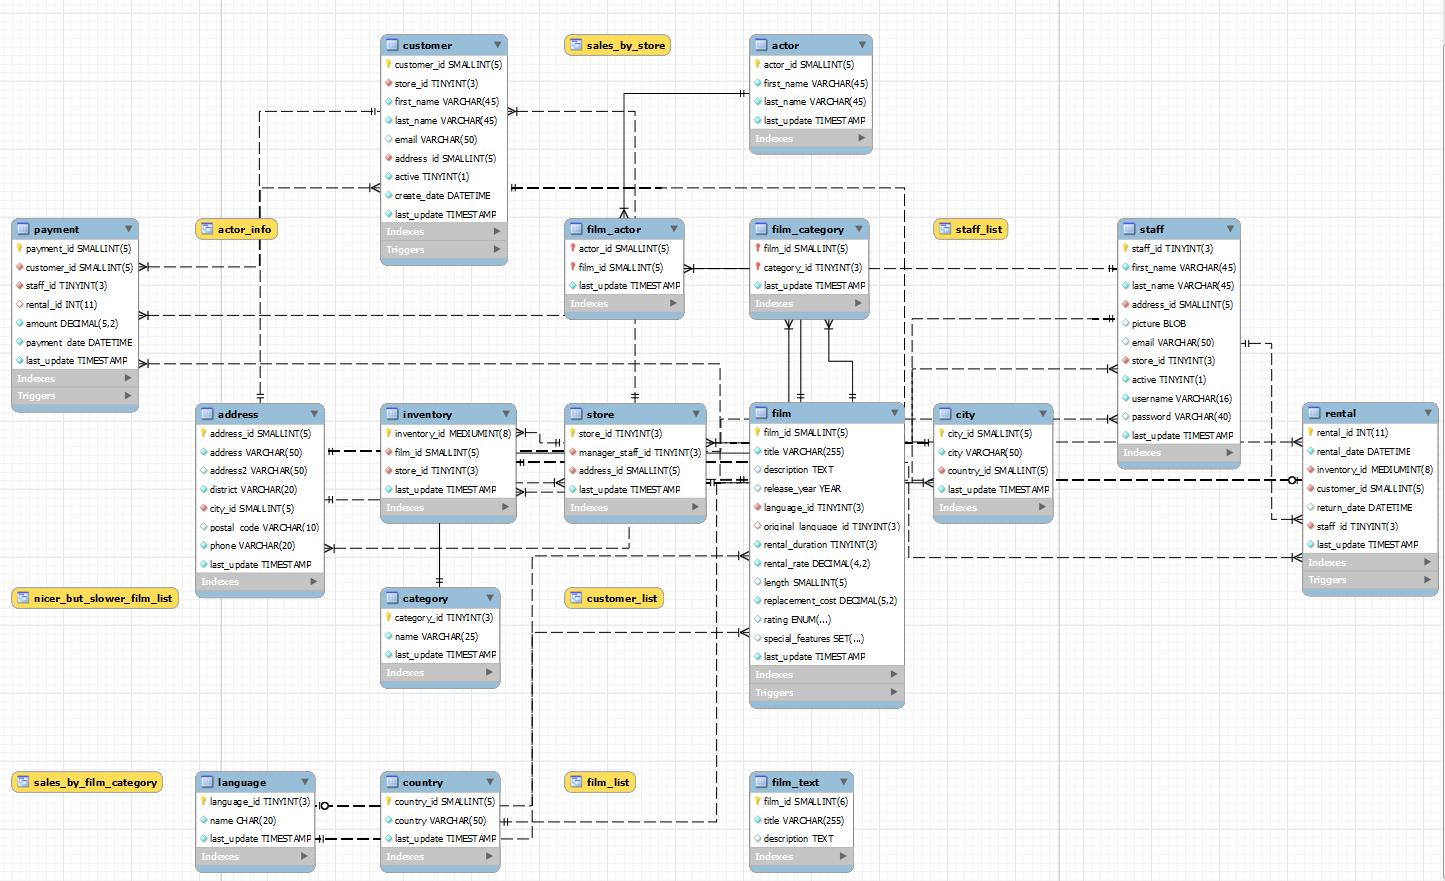 Mysql Workbench Data Modeler